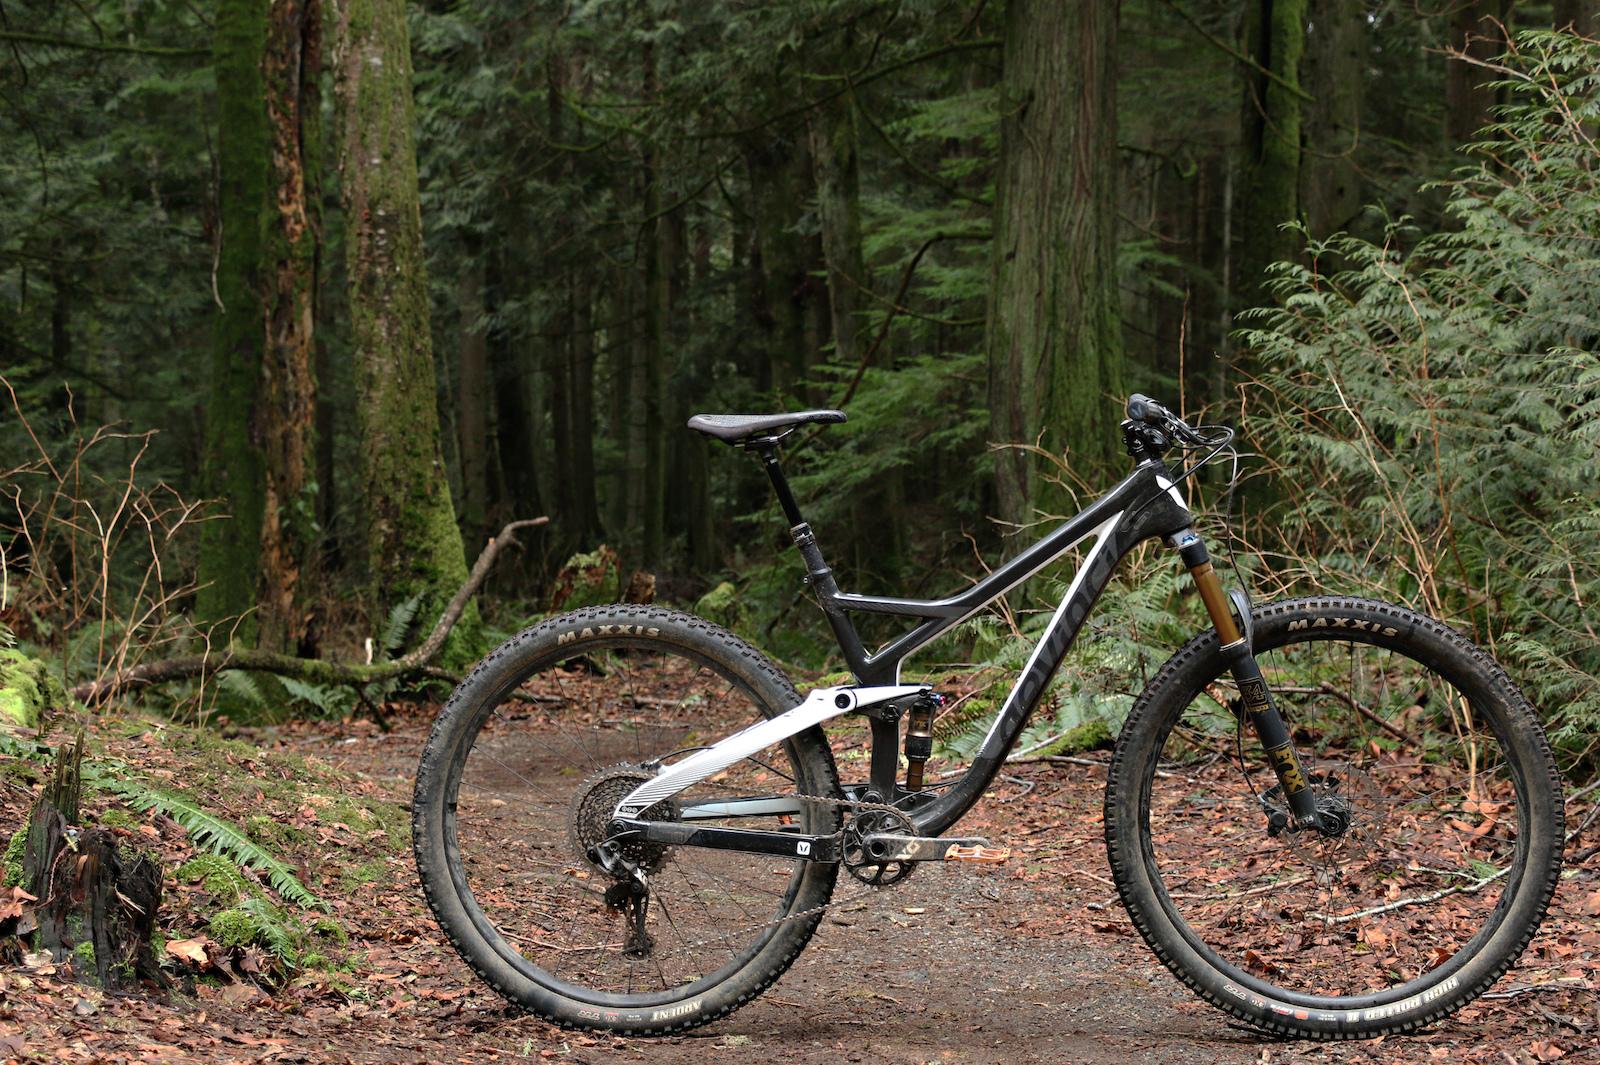 15e99a7f9fcb Devinci Django Carbon 29 X01 - Review - Pinkbike